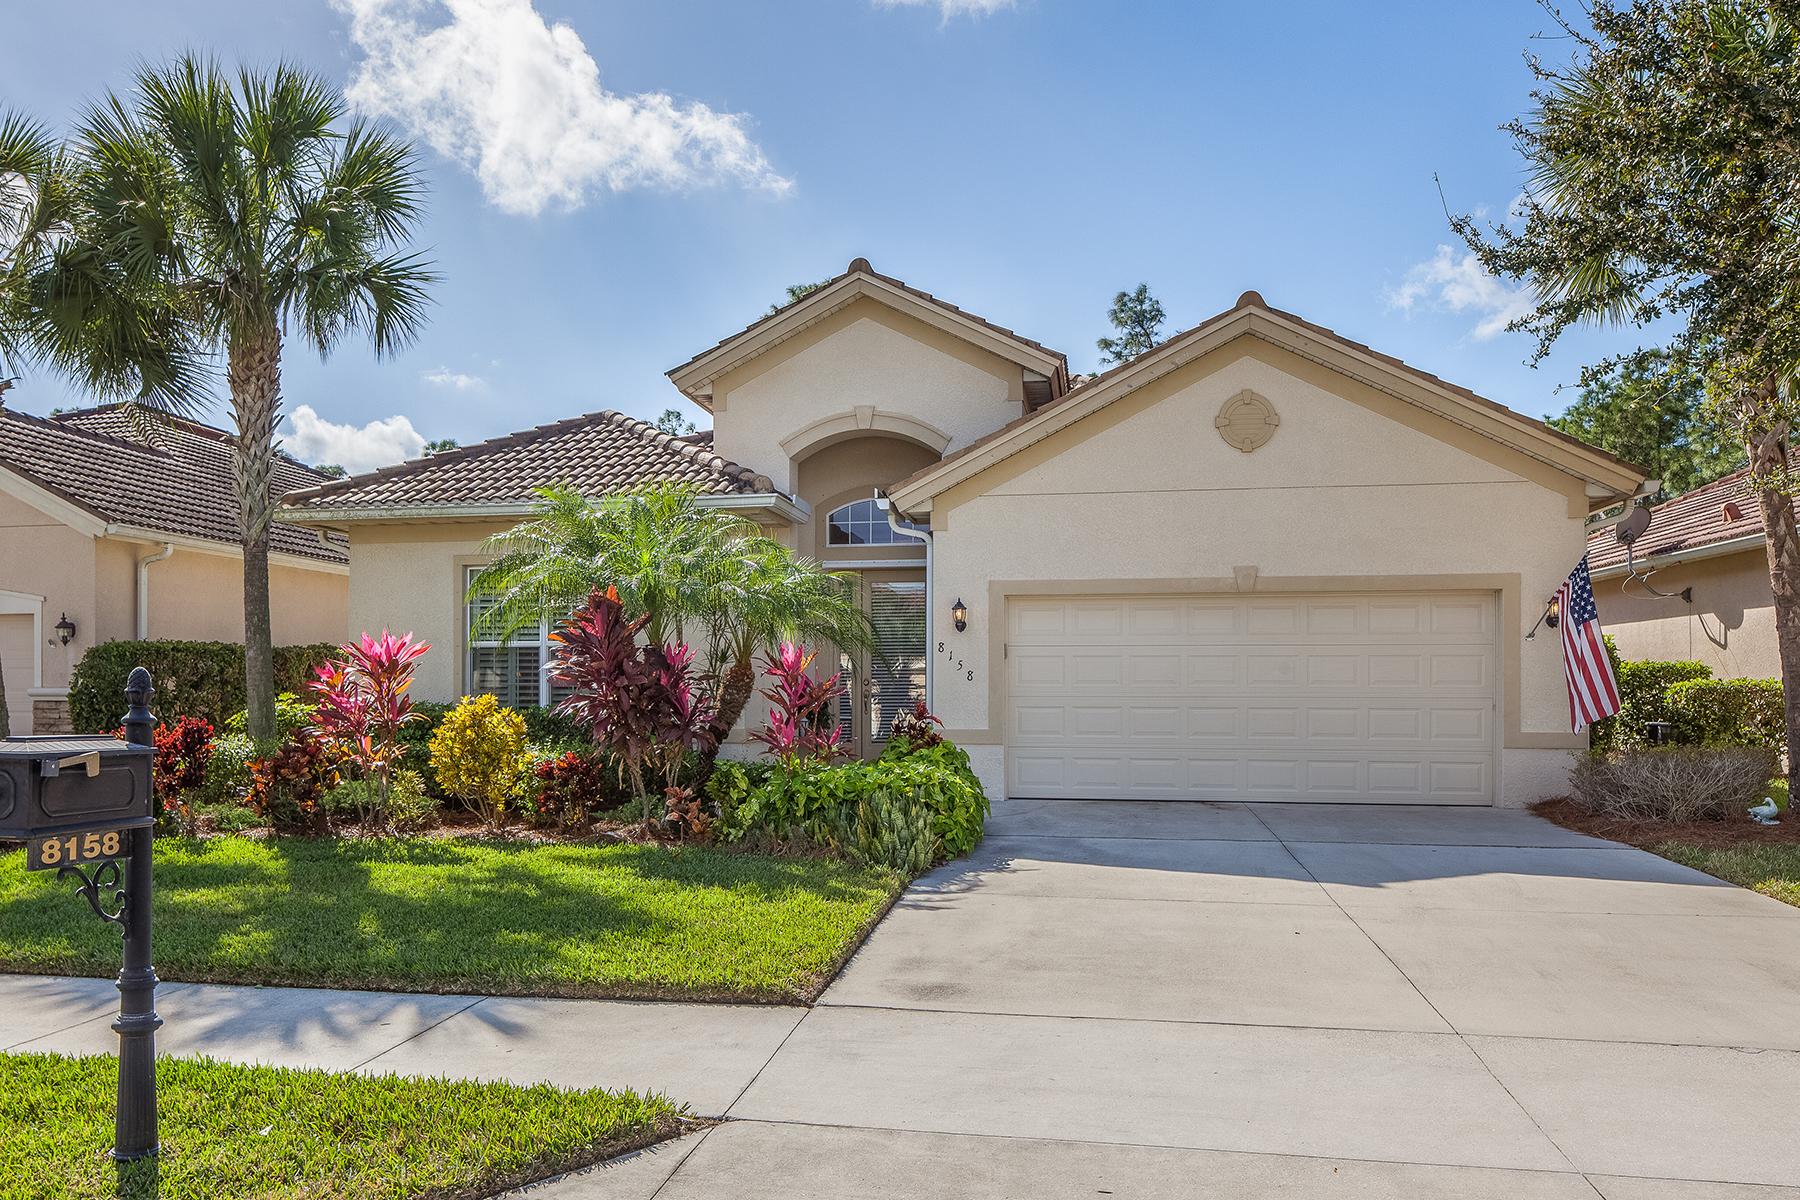 Частный односемейный дом для того Продажа на MADISON PARK 8158 Valiant Dr Naples, Флорида, 34104 Соединенные Штаты